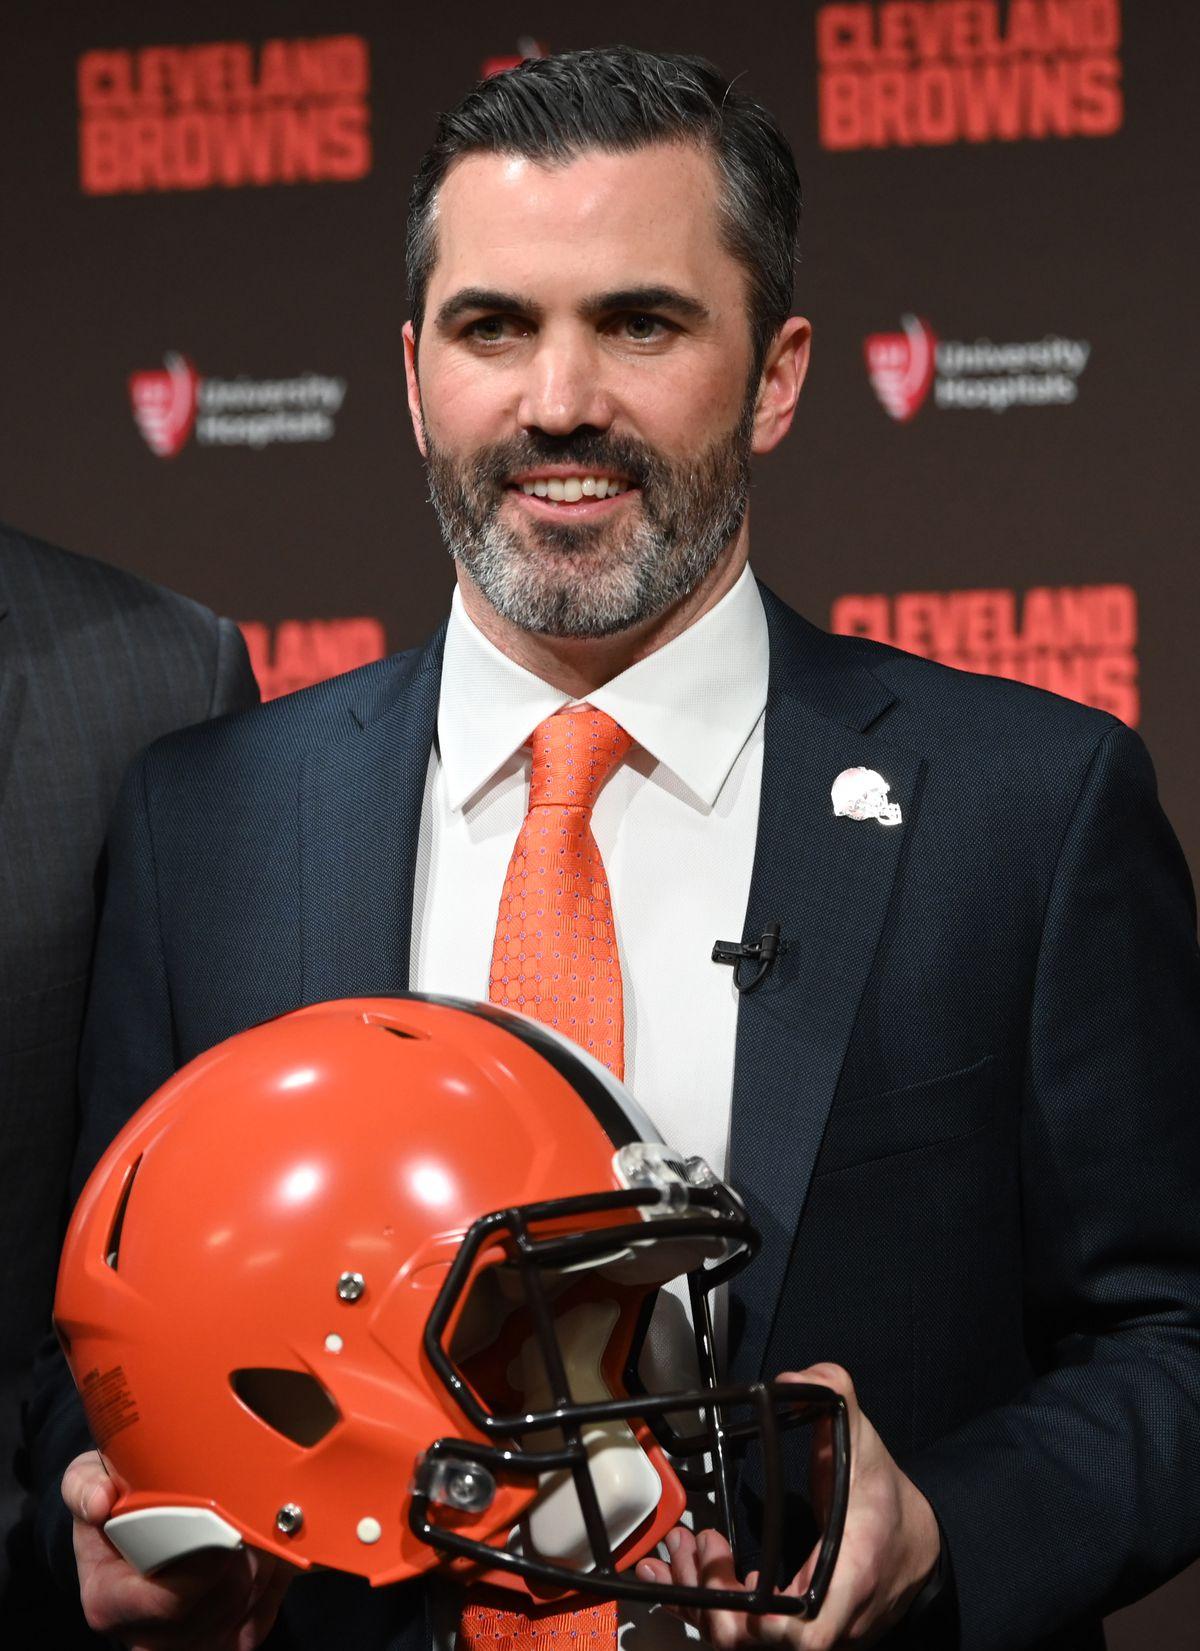 NFL: Cleveland Browns-Head Coach Kevin Stefanski Press Conference